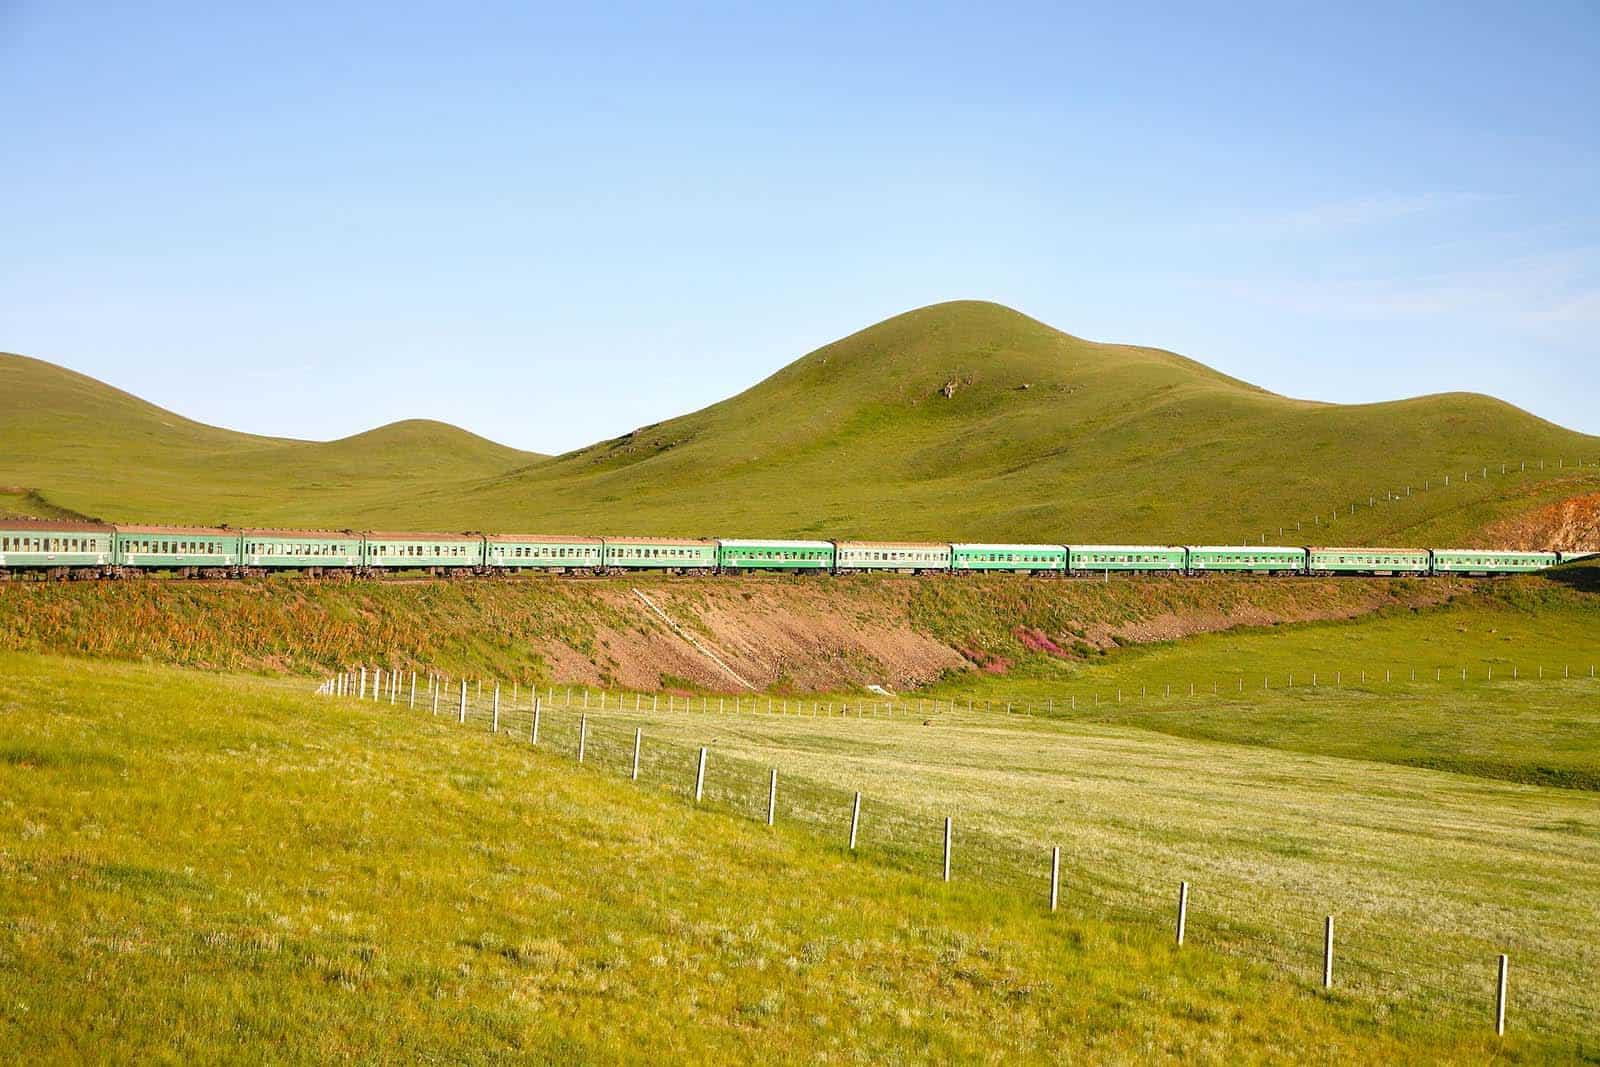 den transsibiriske jernbane til Mongoliet